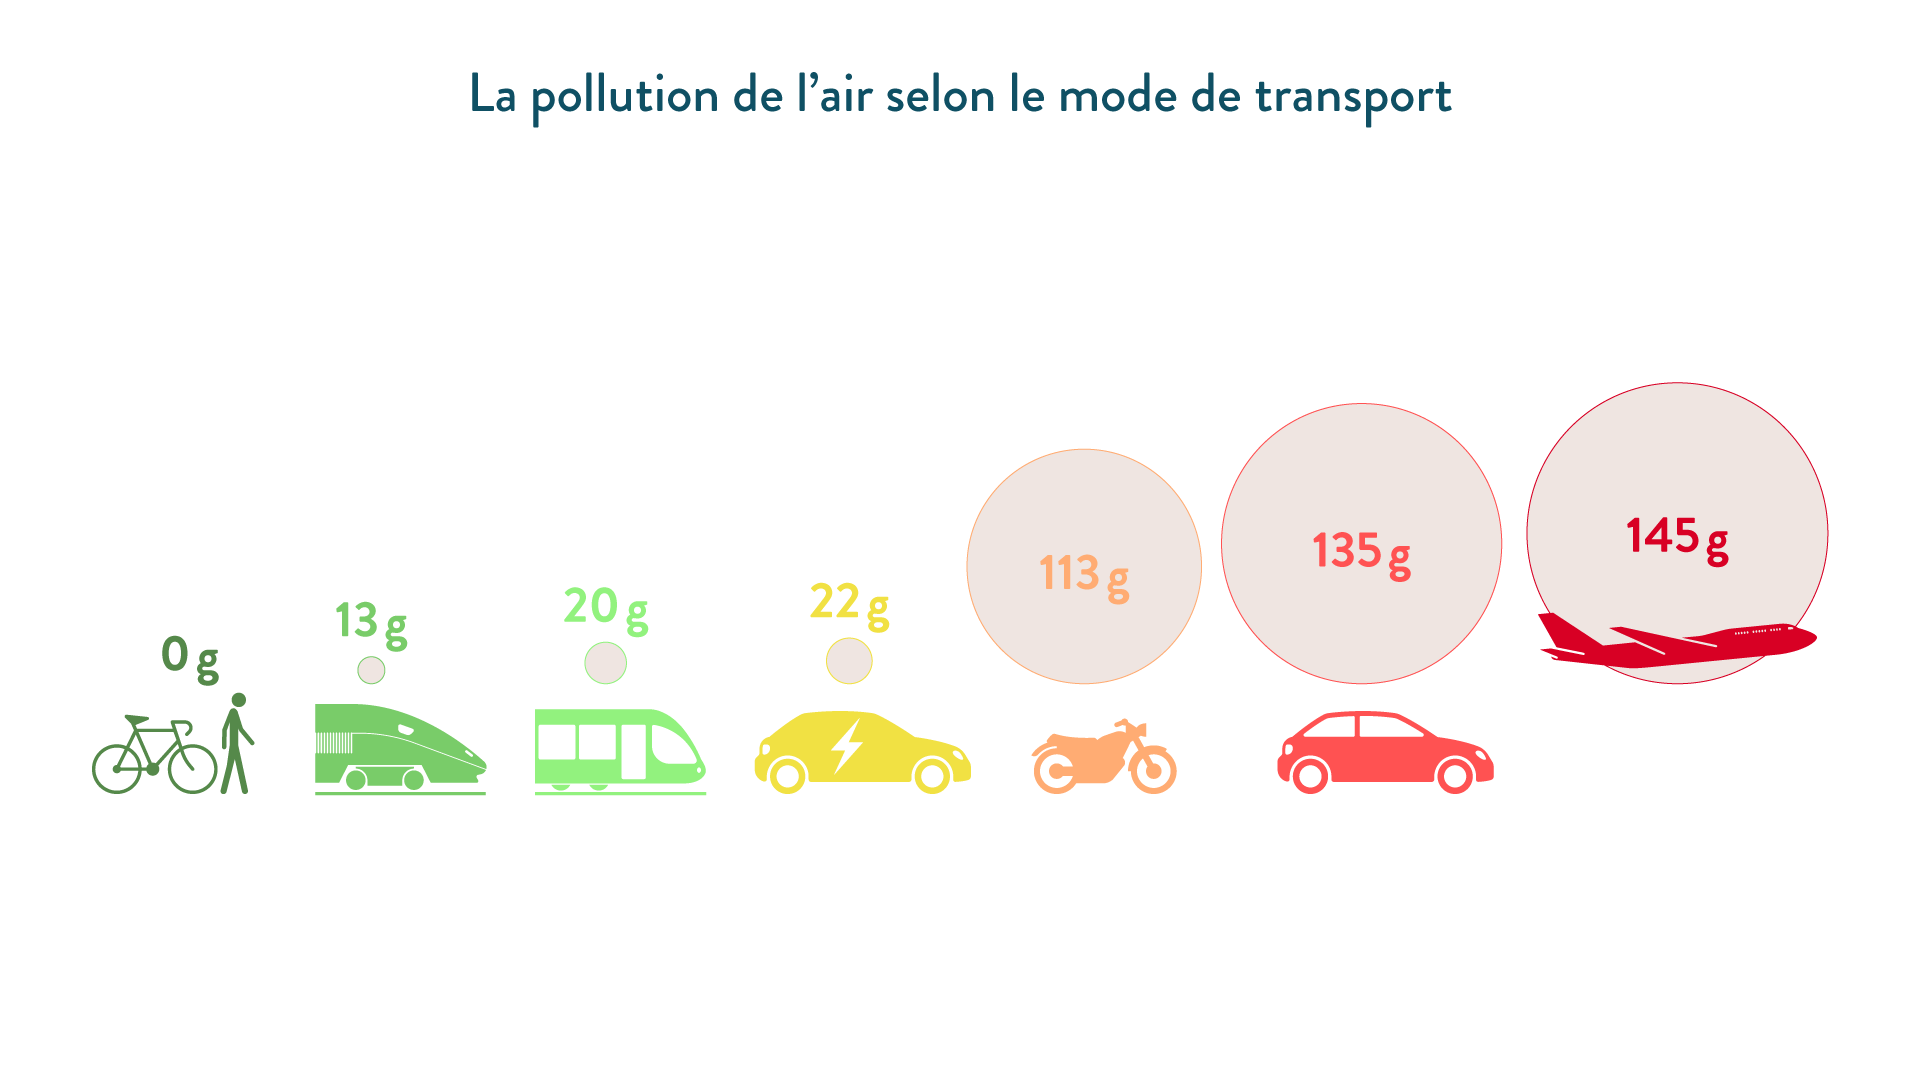 6e-géographie-SchoolMouv - La pollution de l'air selon le mode de transport